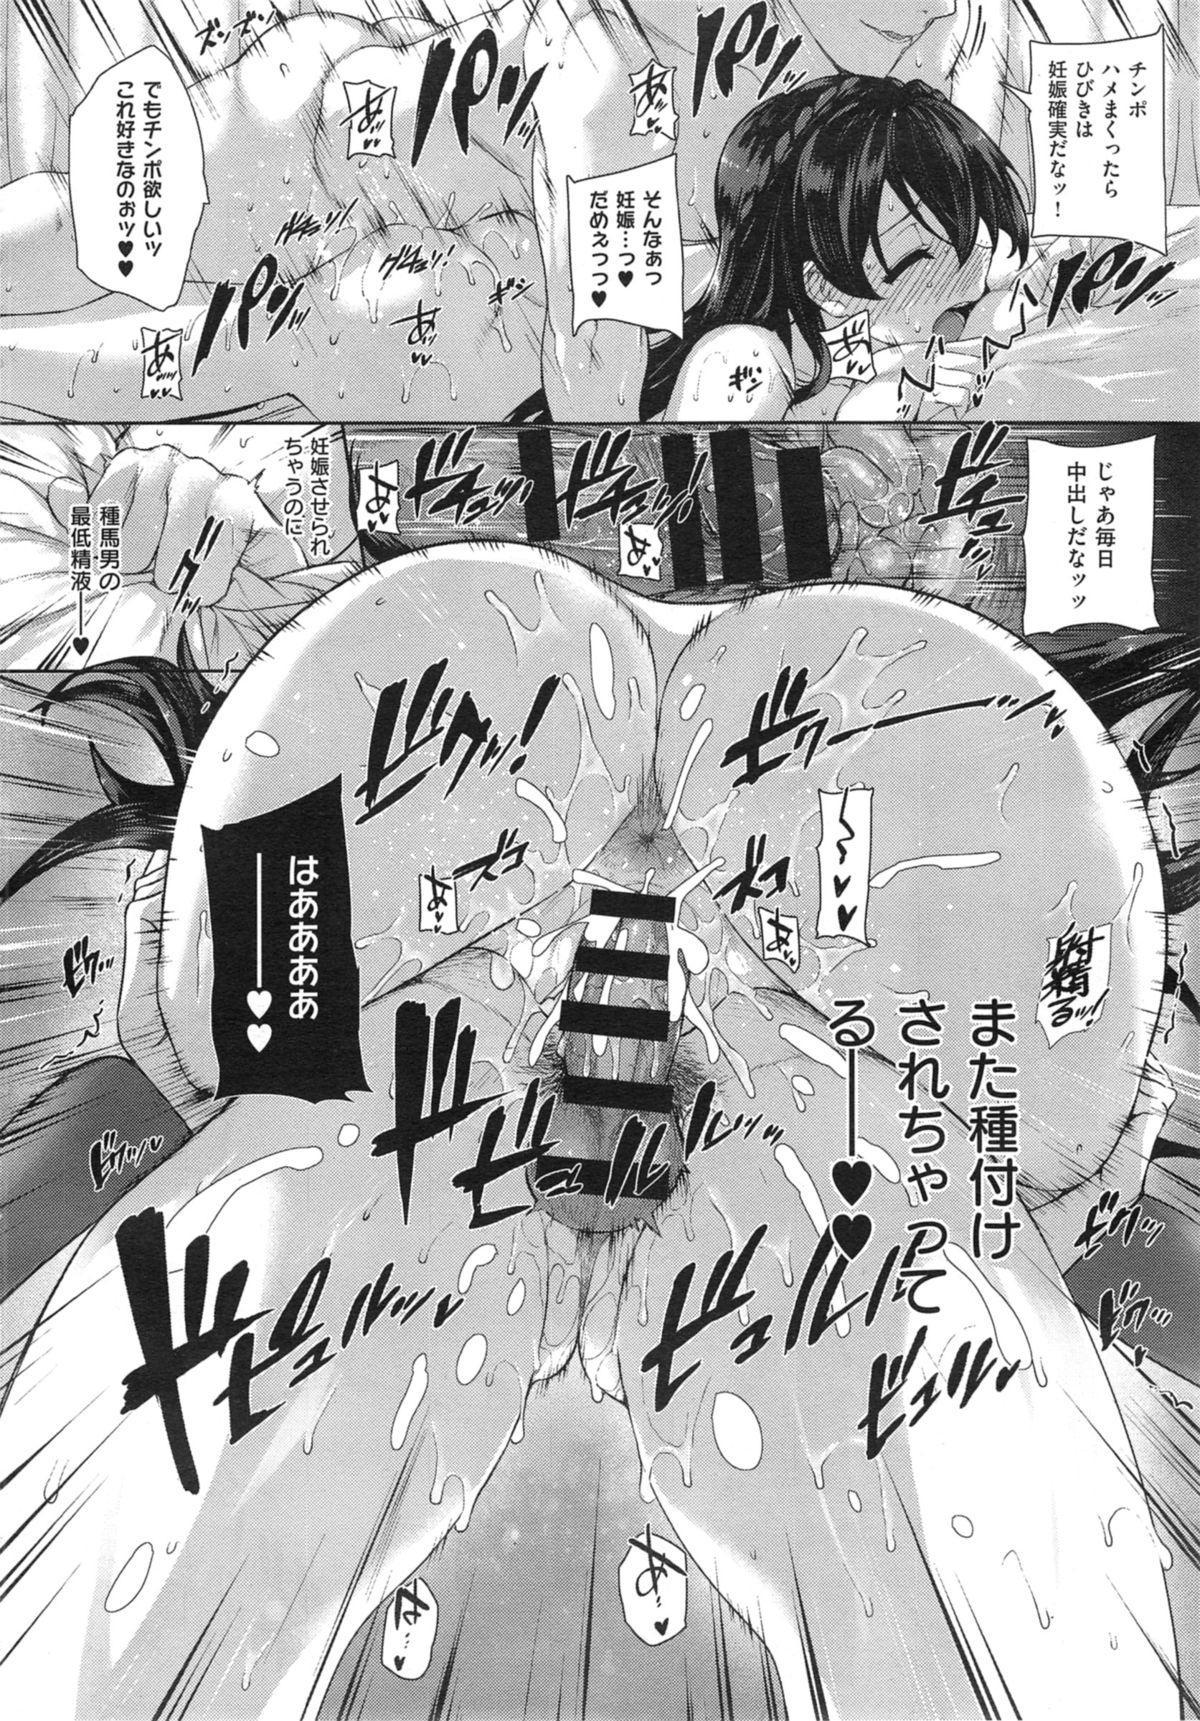 shiramine hibiki no ryoukannisshi 27